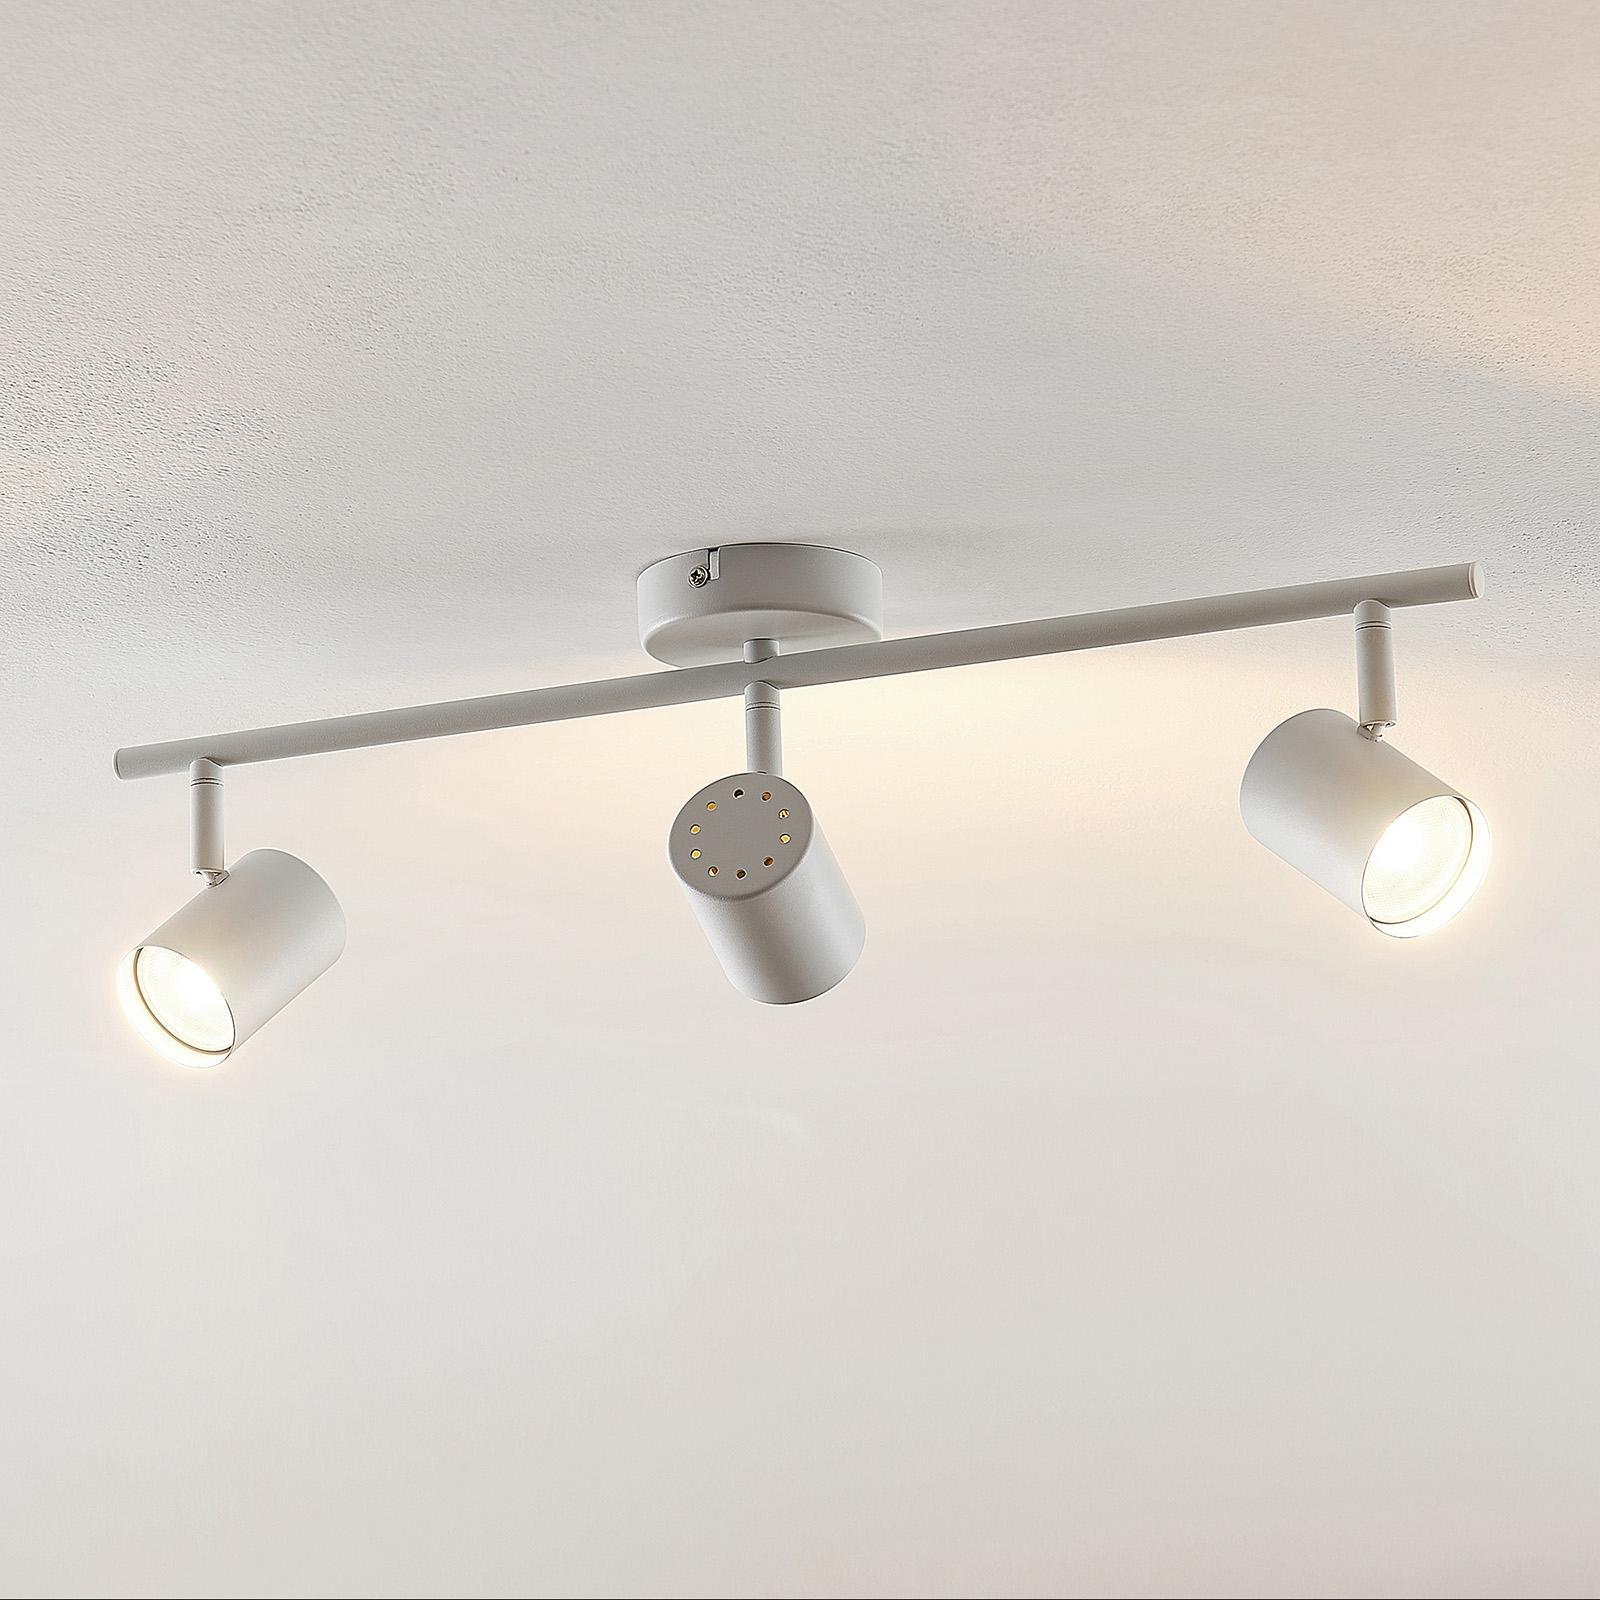 ELC Tomoki LED-taklampe, hvit, 3 lyskilder